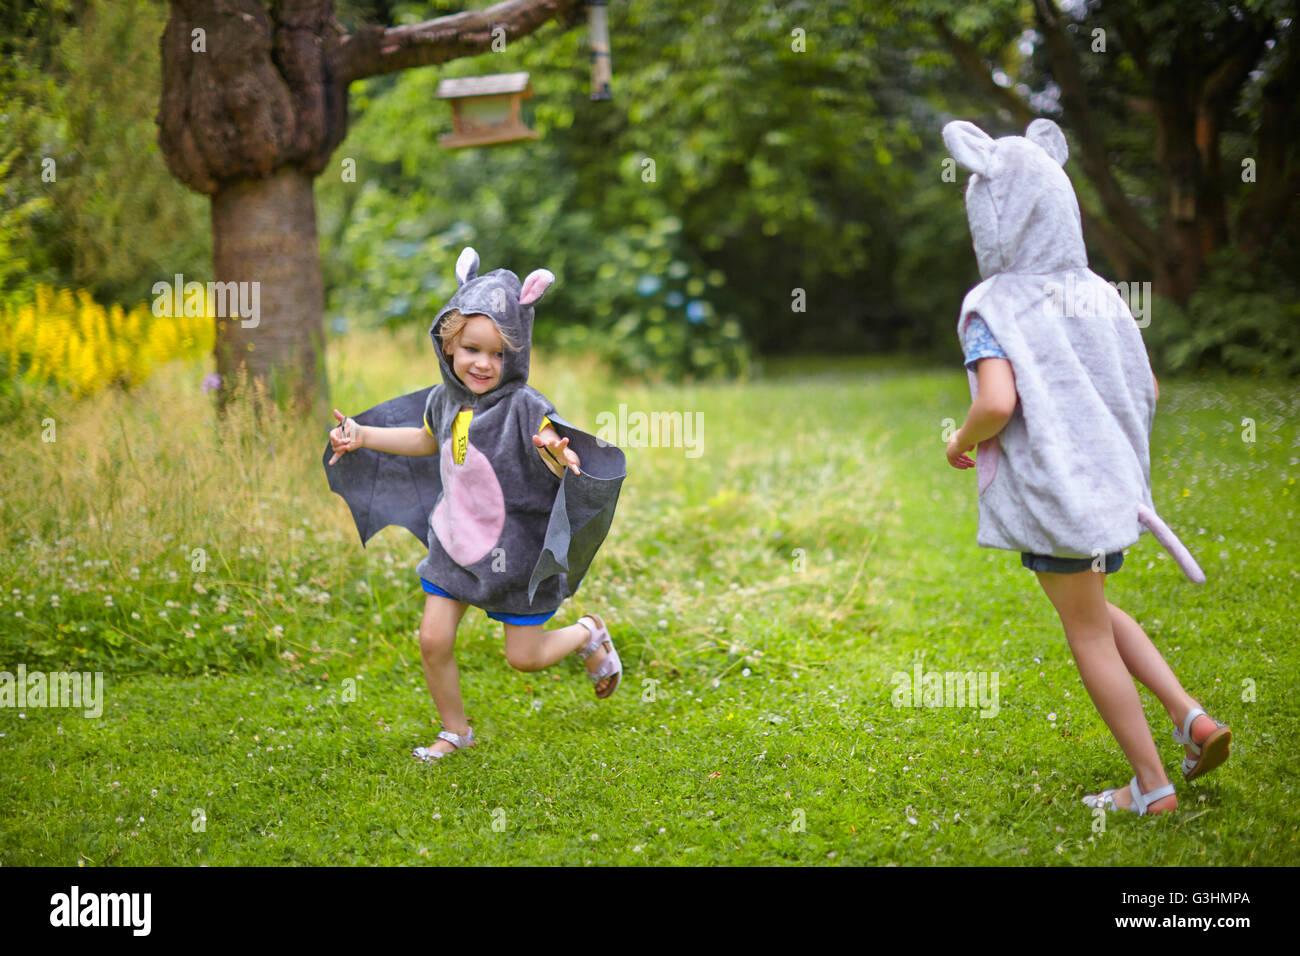 Dos hermanas jóvenes vestidos de traje de ratón corriendo en el jardín Foto de stock